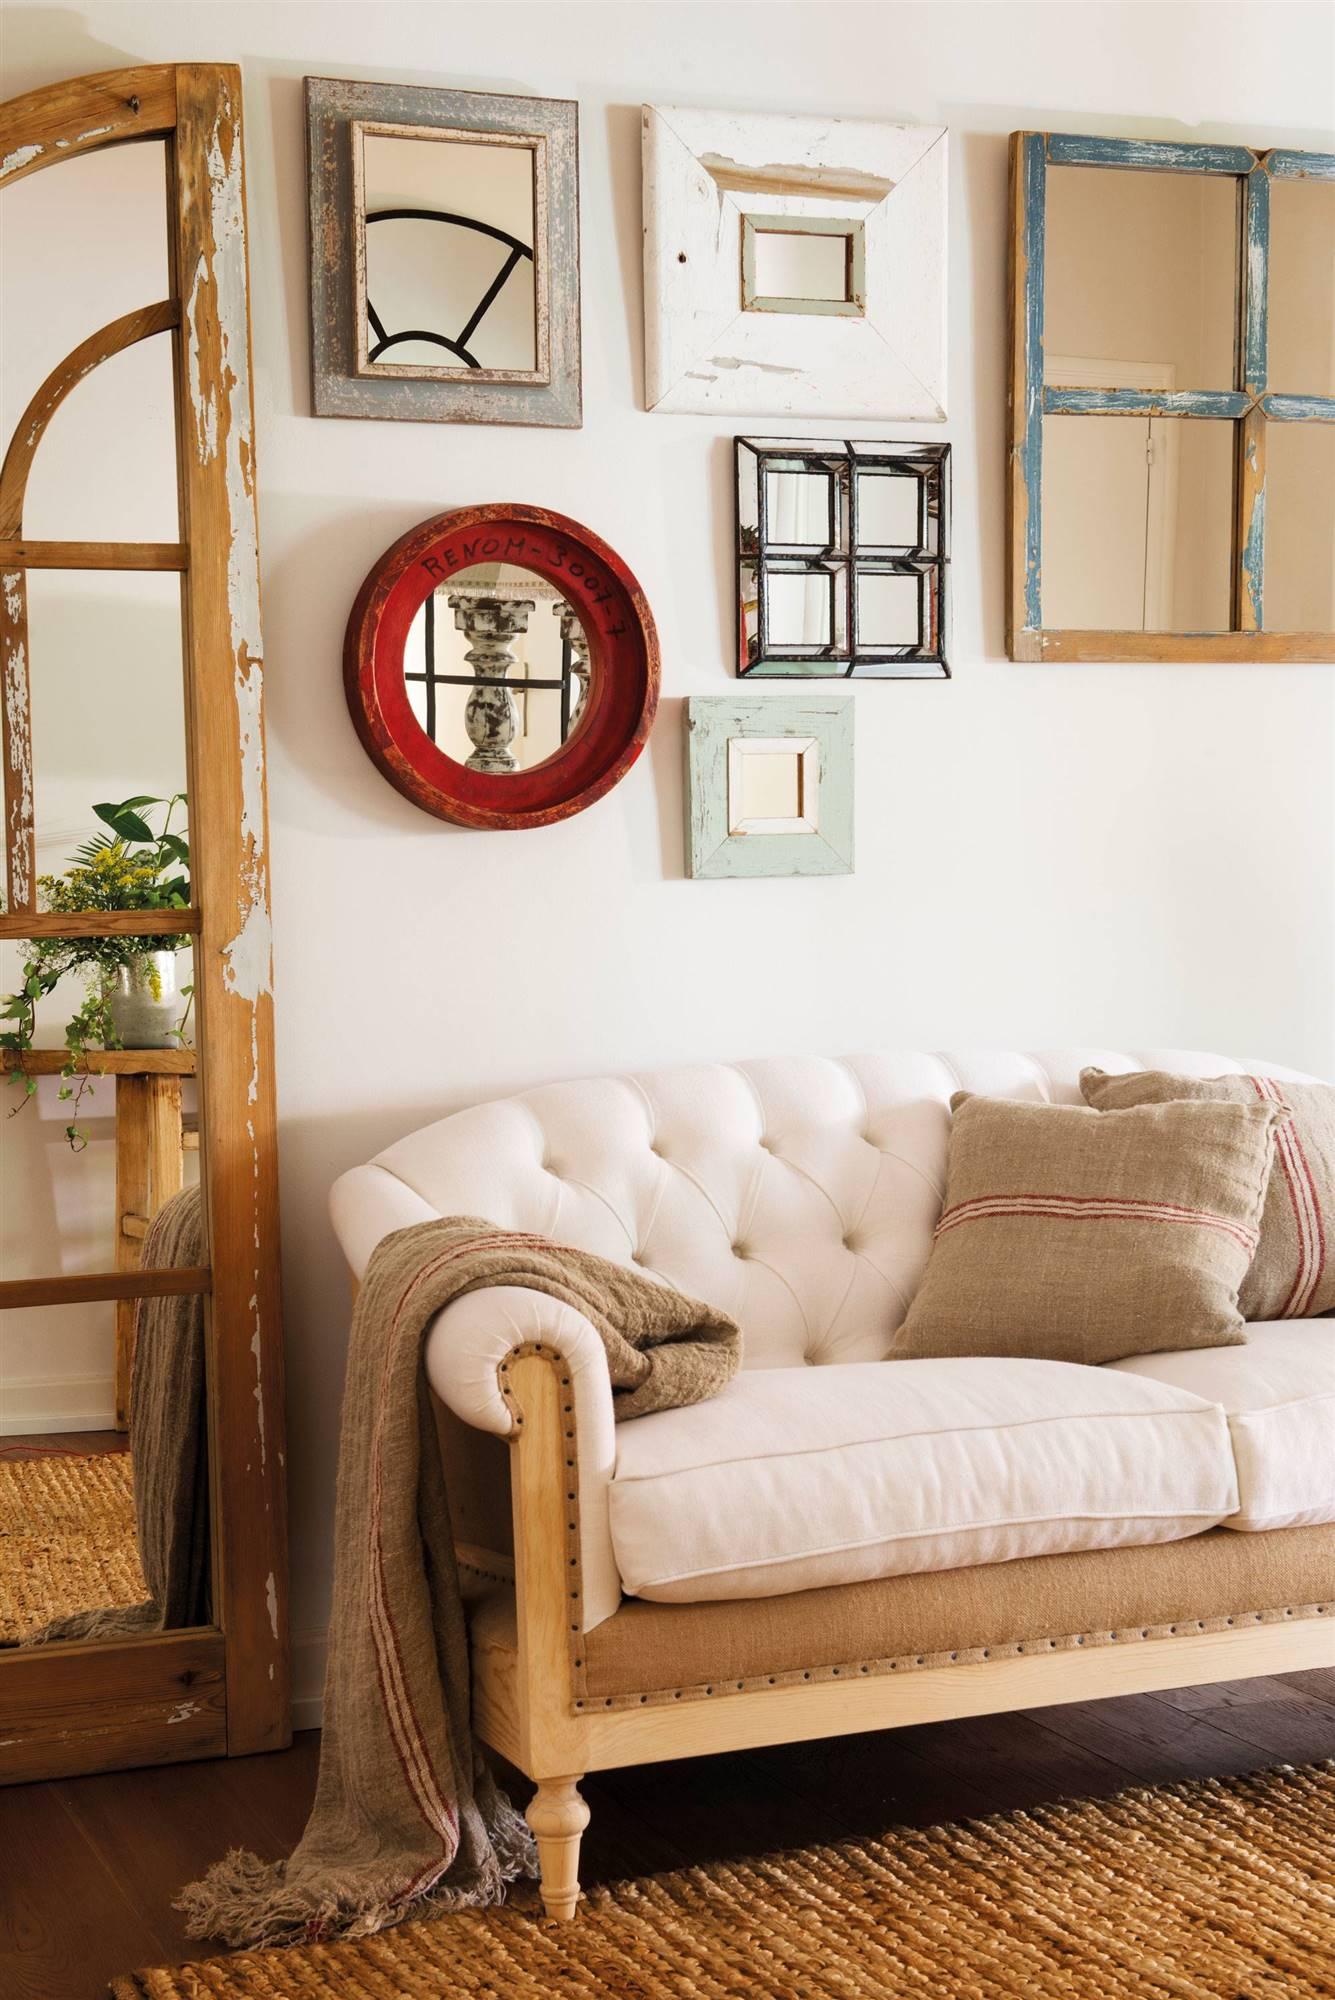 Espejos 50 dise os de todos los estilos para tu casa for Decorar paredes con cuadros y espejos